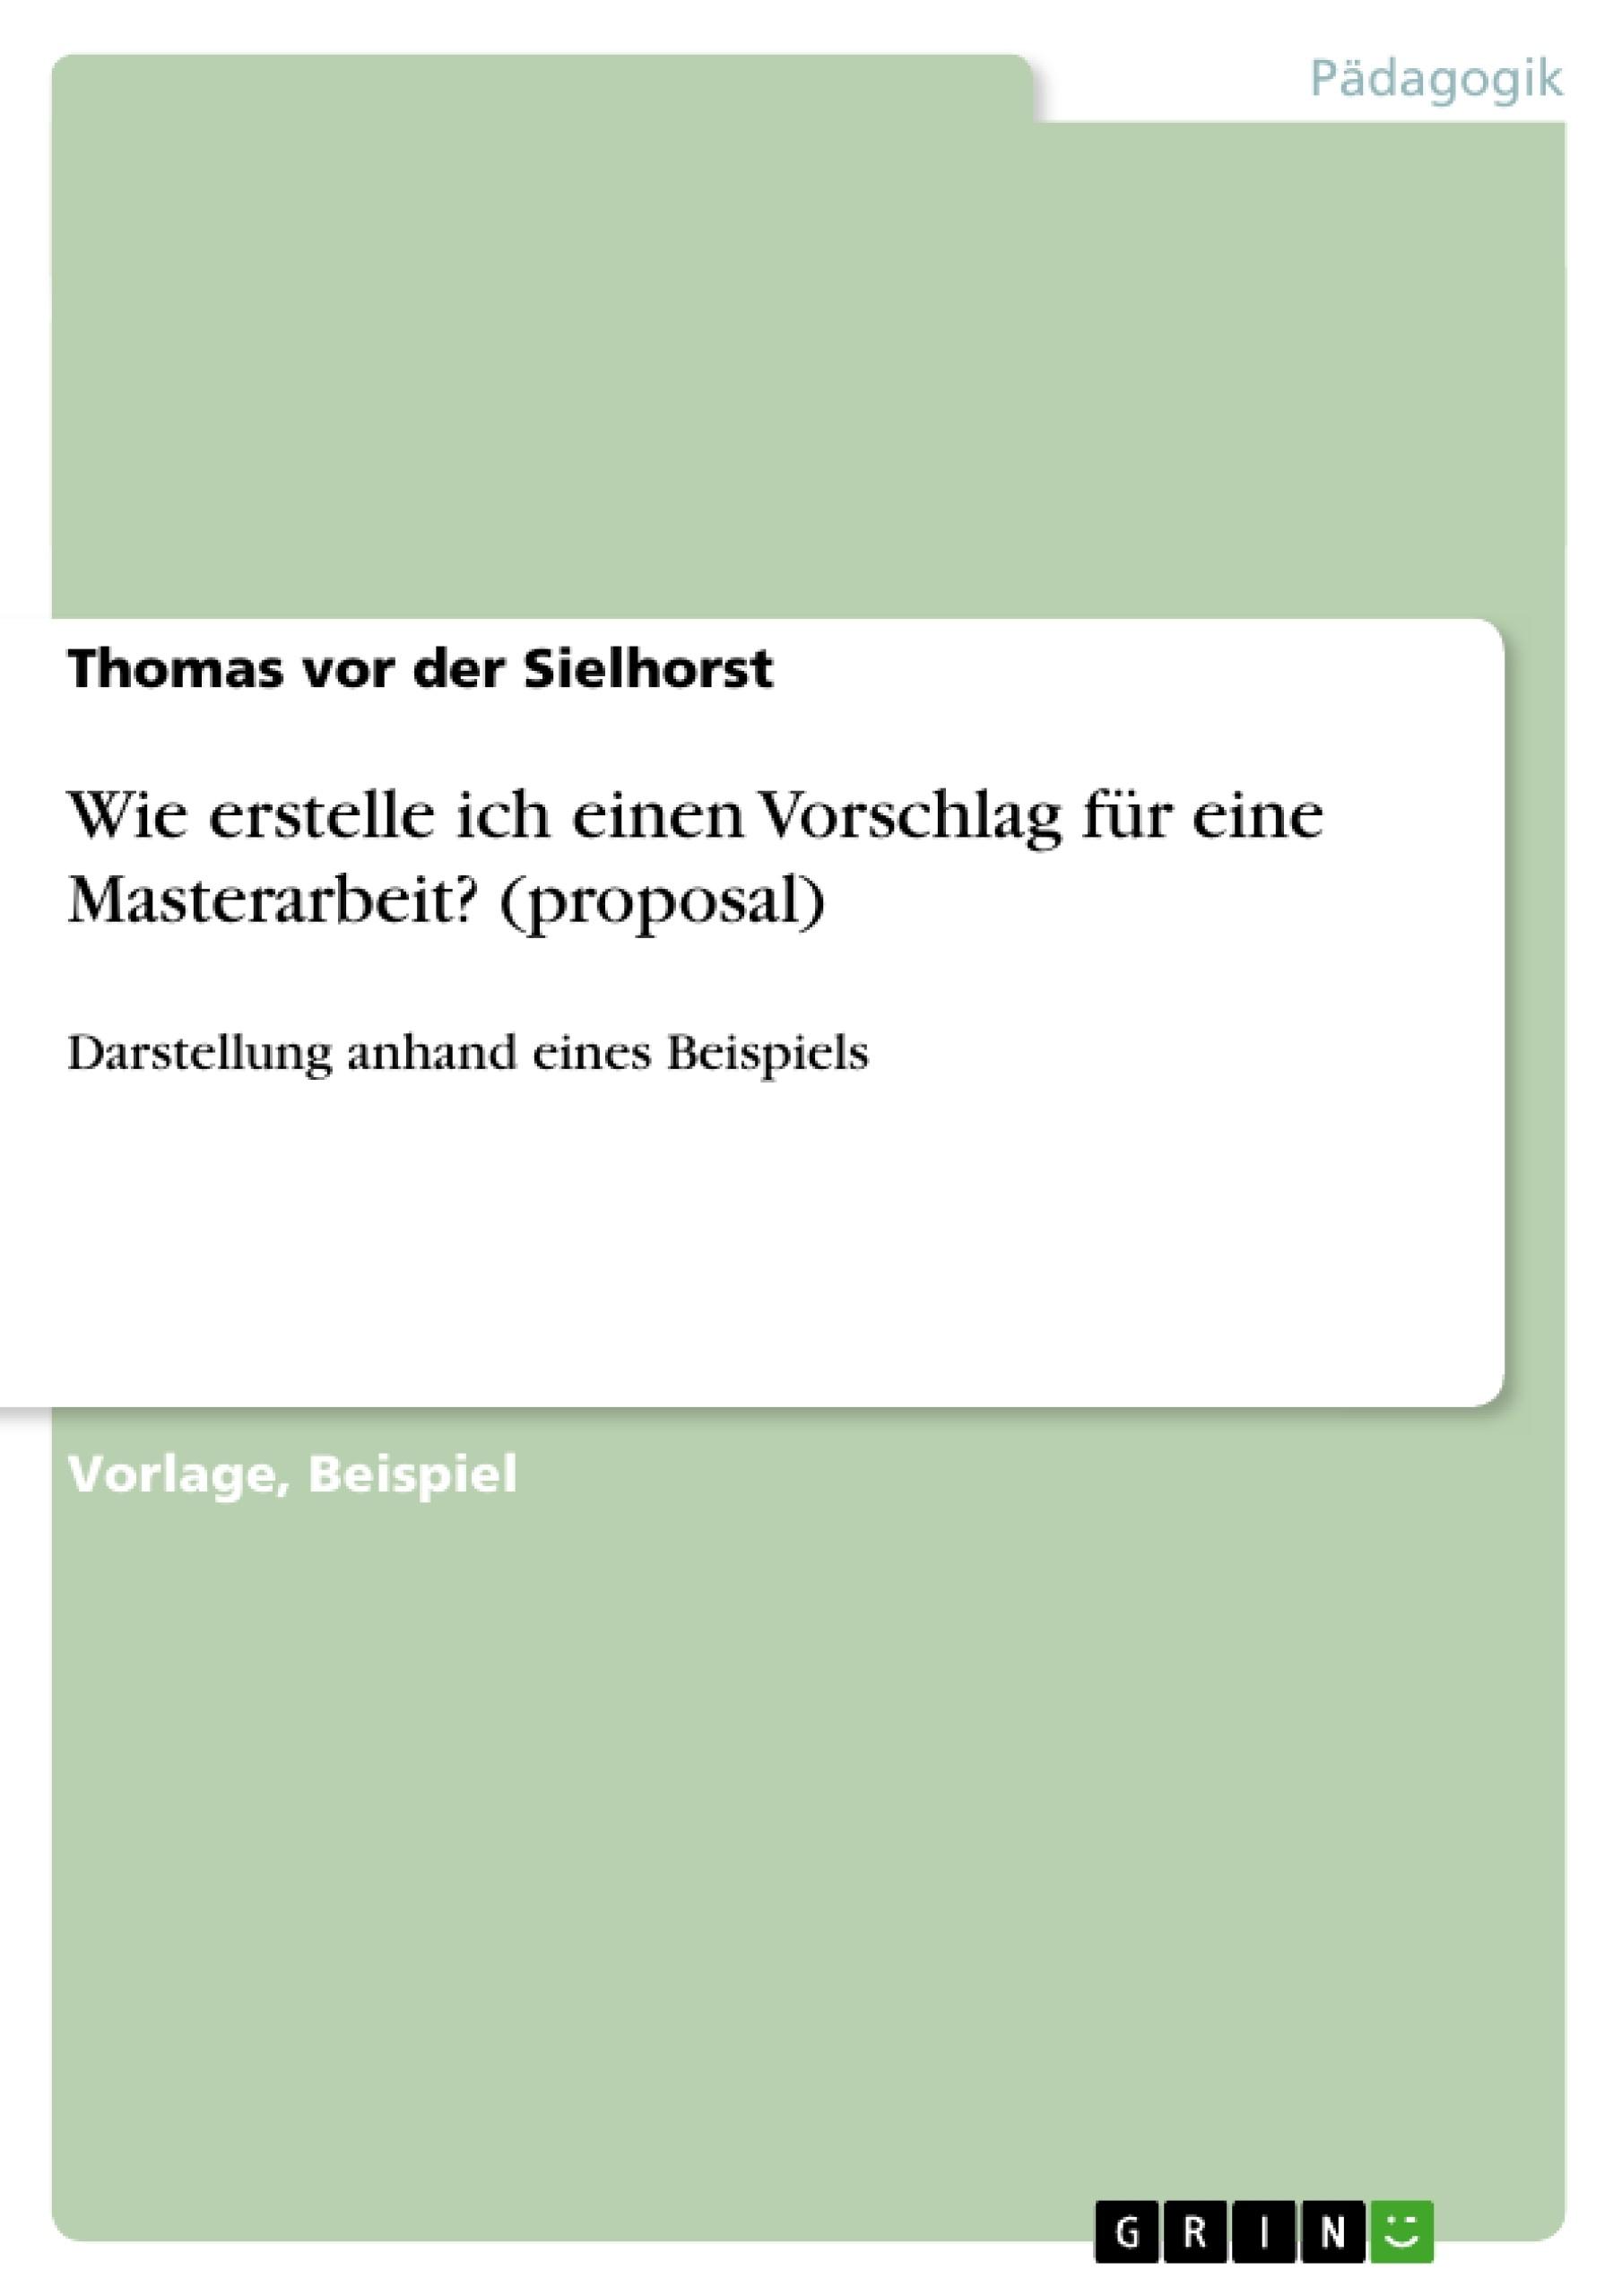 Deckblatt gestalten für Bachelorarbeit, Masterarbeit & Hausarbeit